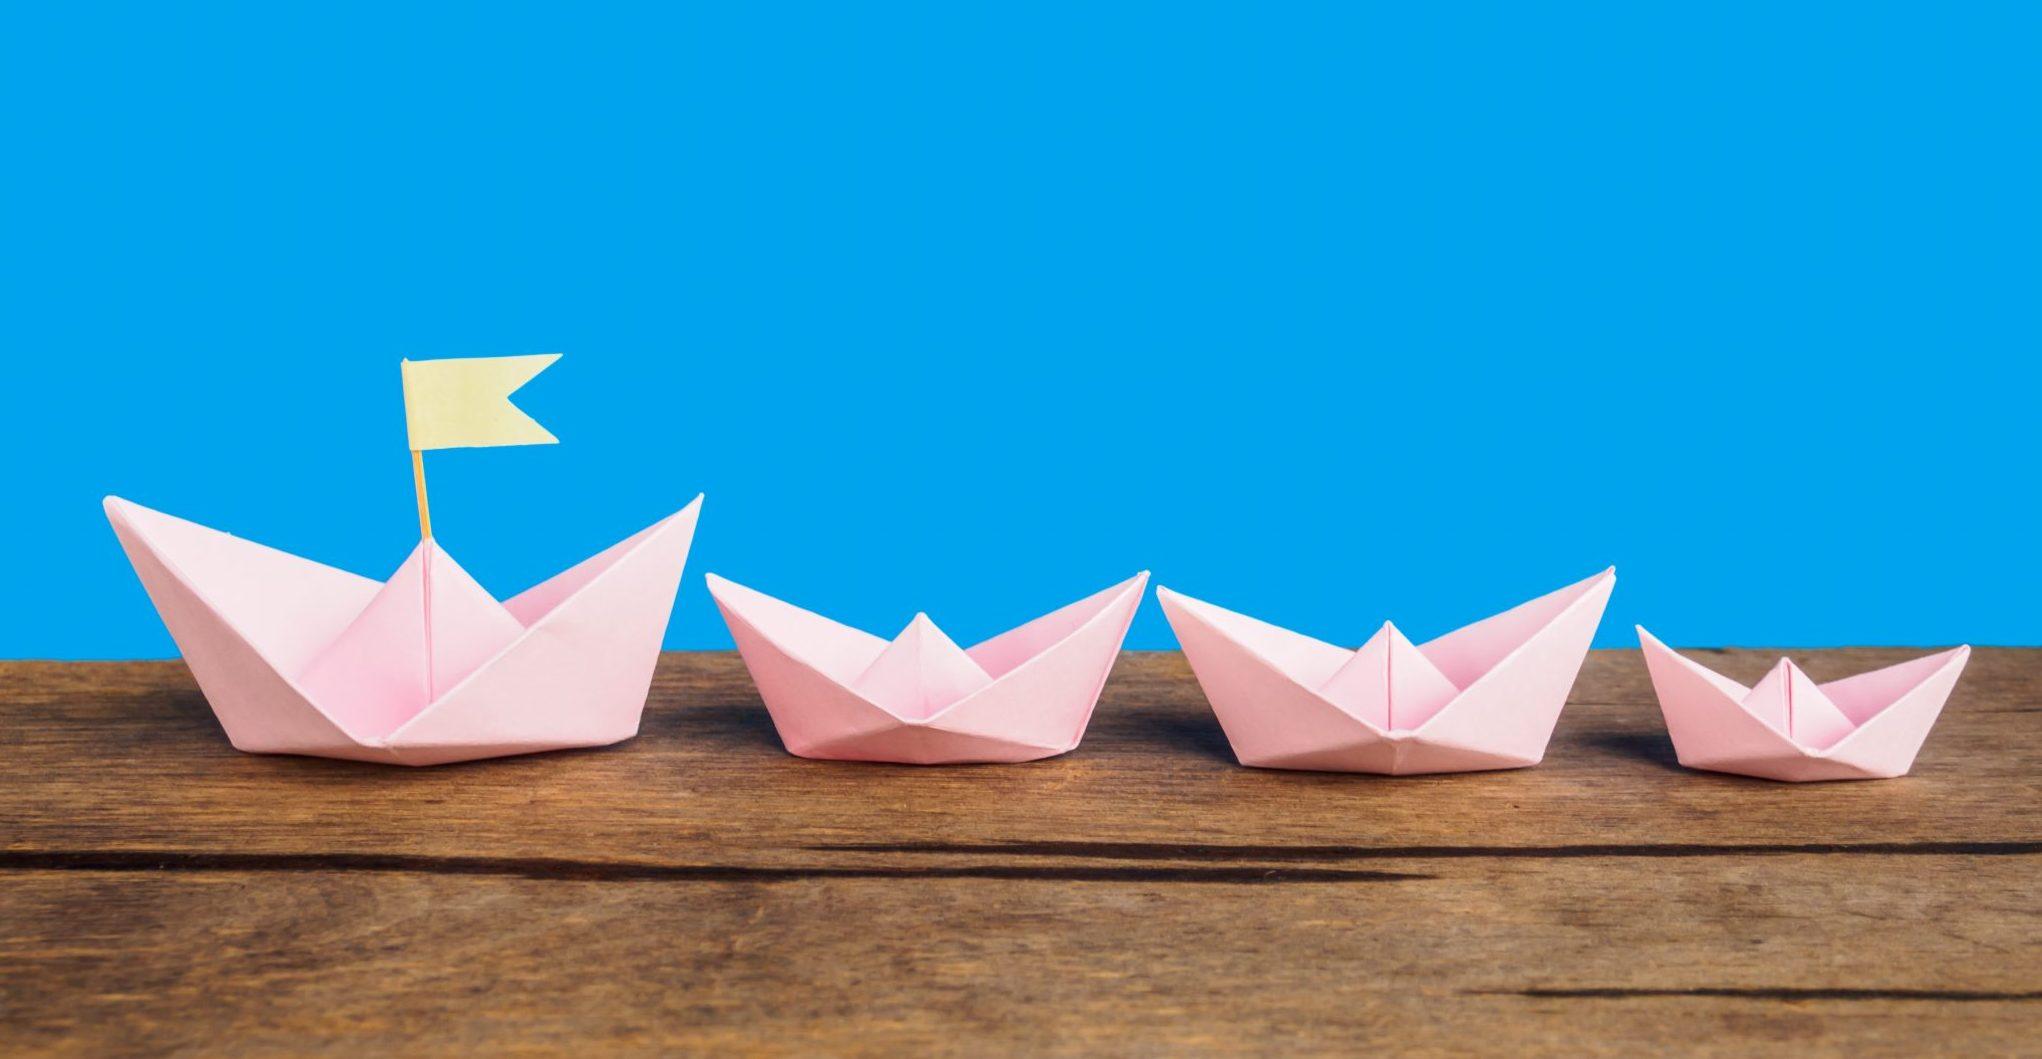 Dedicato a Chi Vuole Diventare un Leader Migliore: Cos'è e Come Funziona l'Imprinting